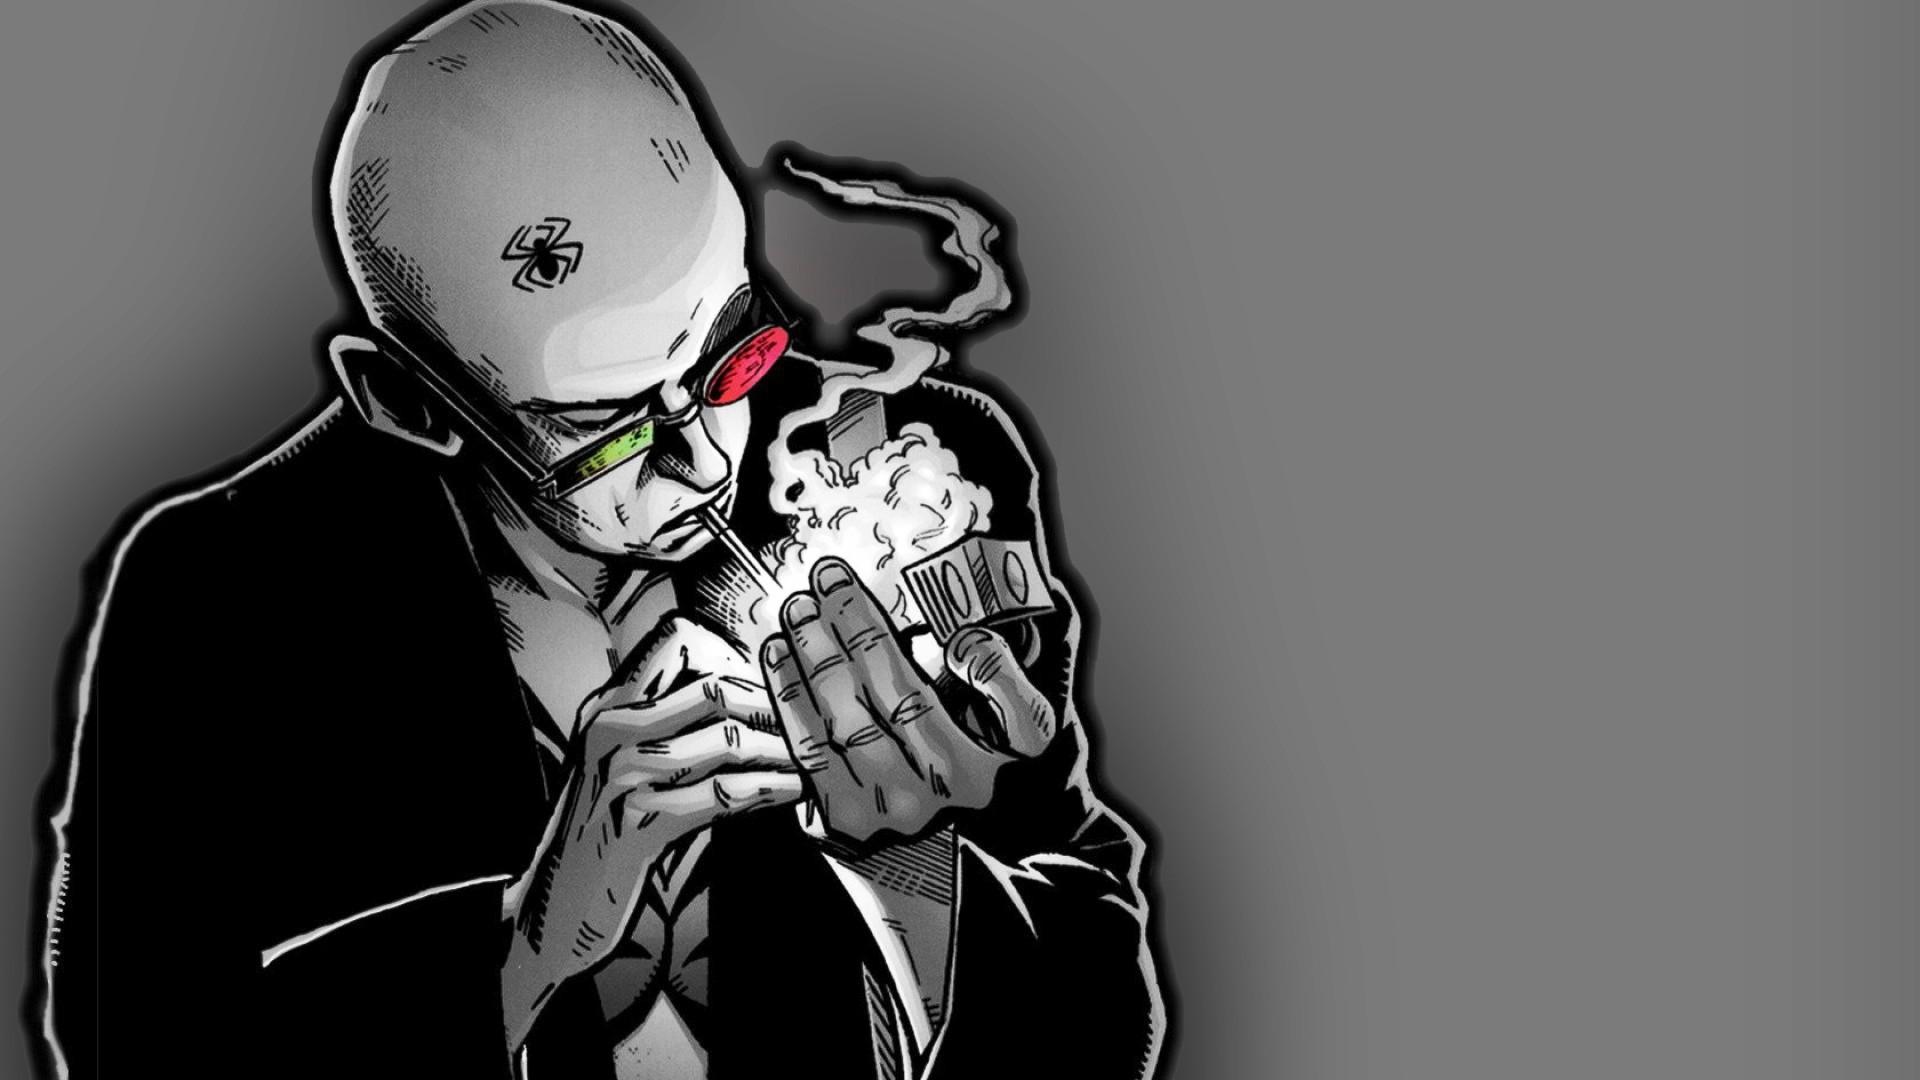 gangster cartoons | HD Wallpaper of Gangster Cartoon, Desktop Wallpaper  Gangster Cartoon